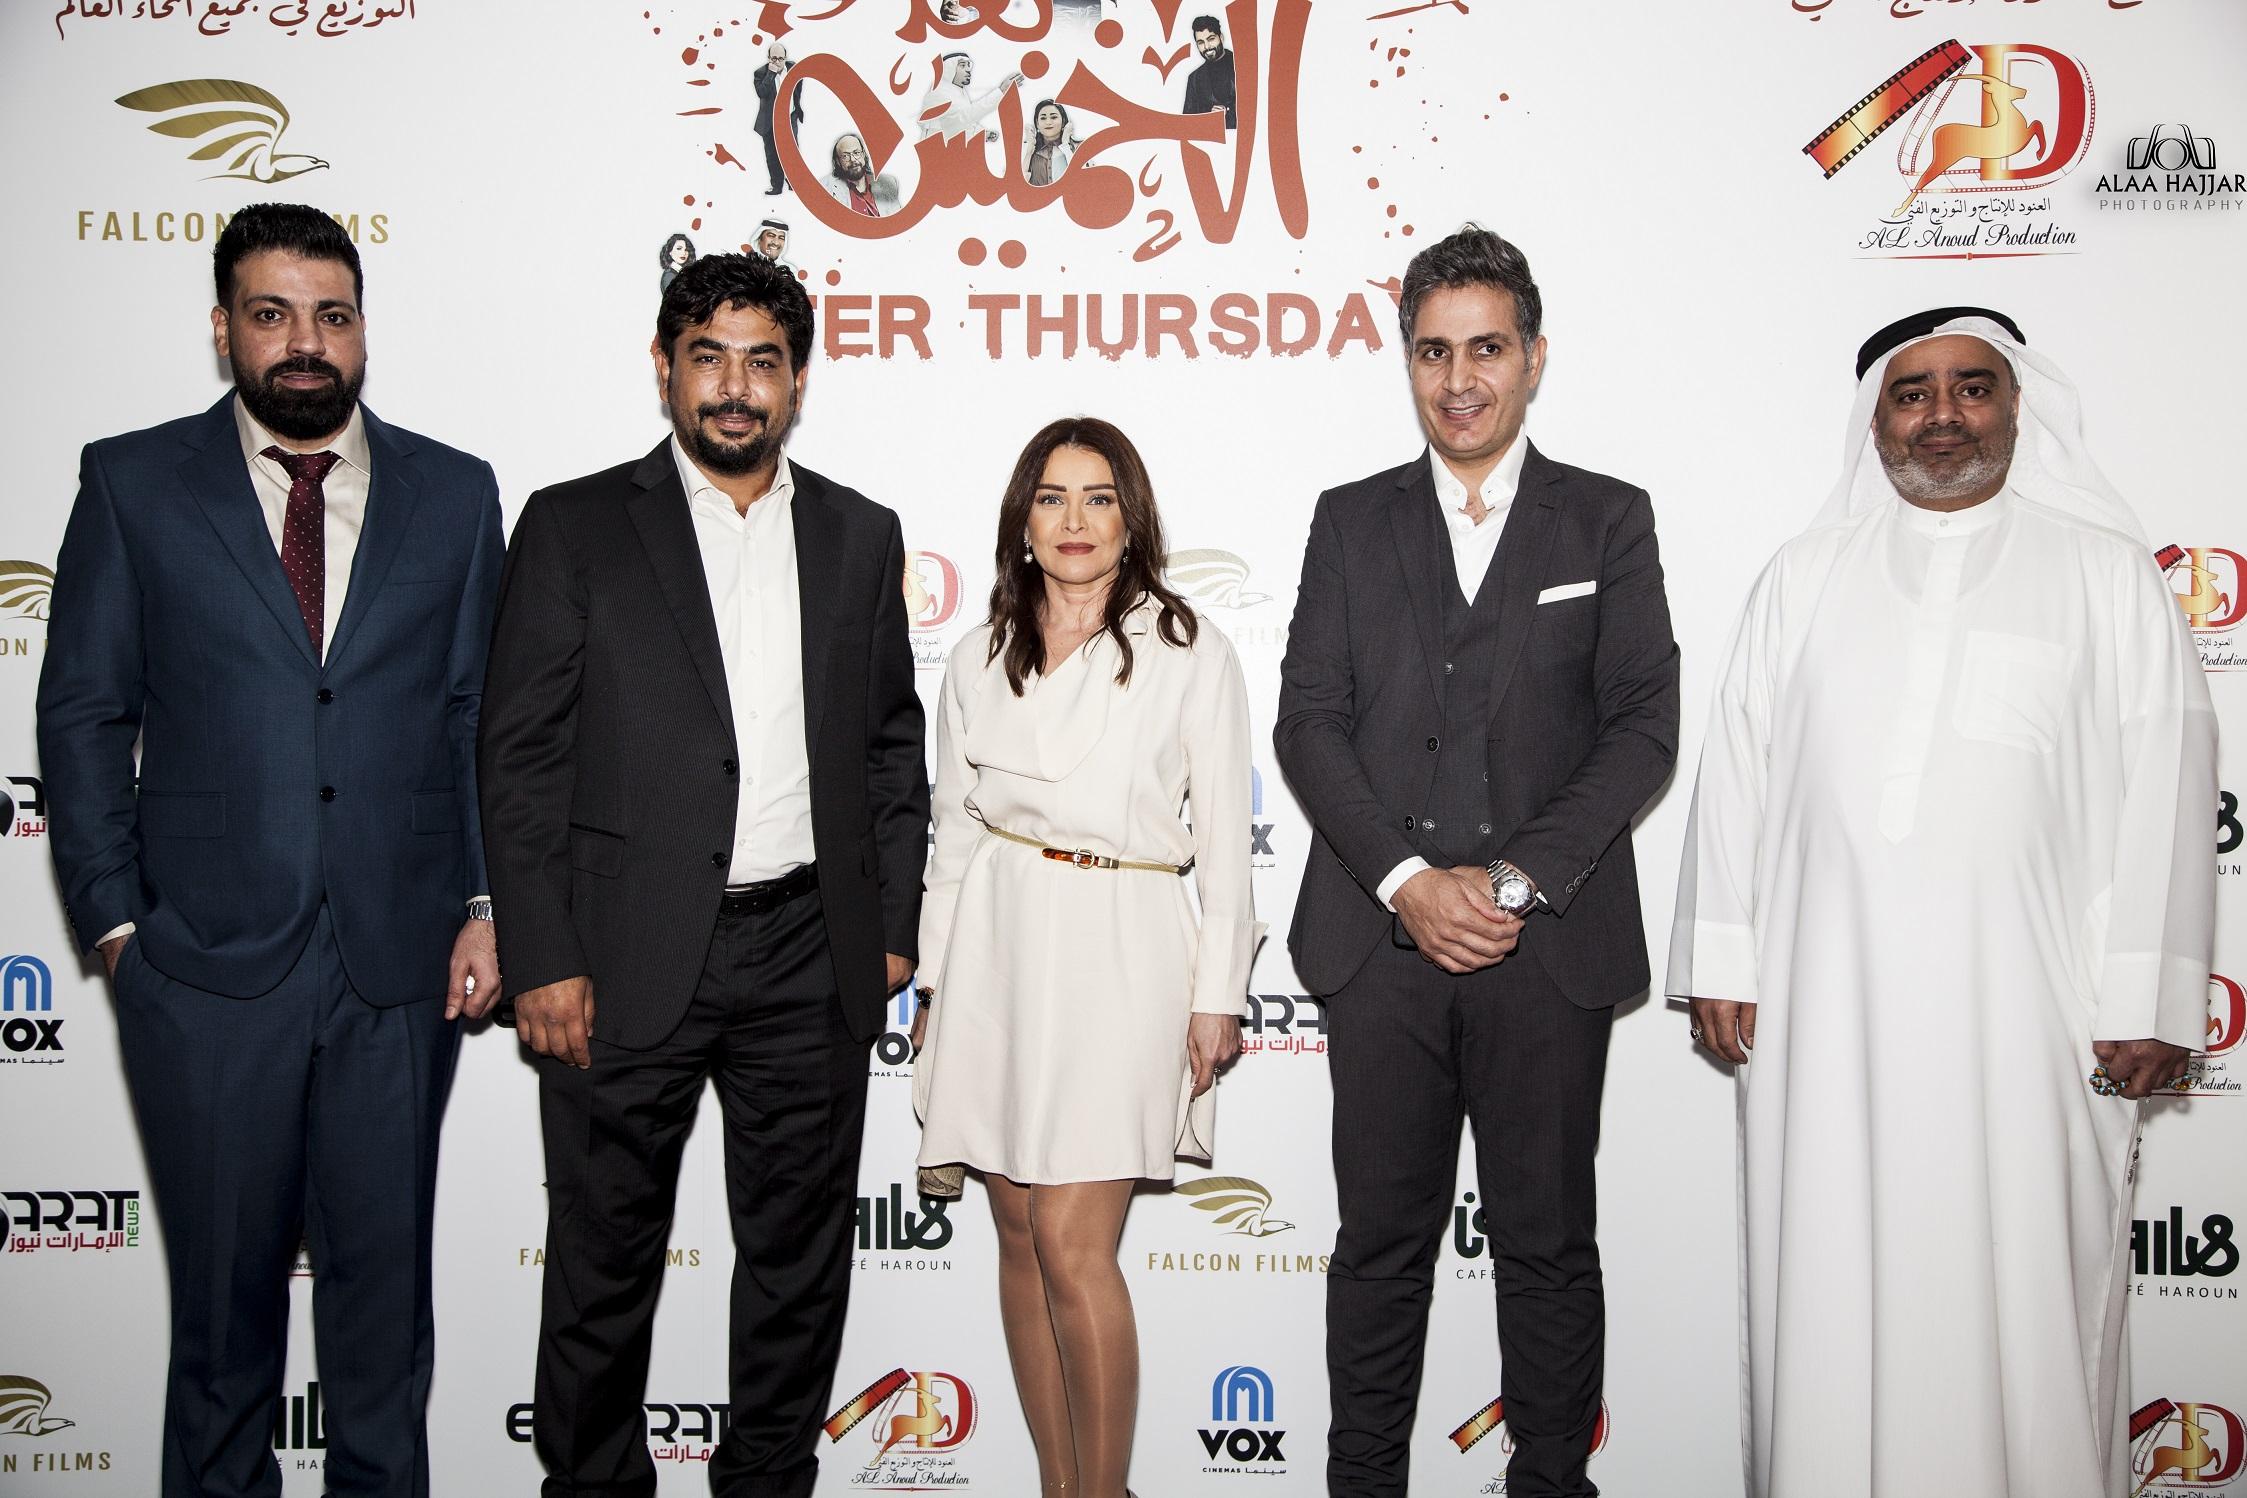 صورة بعد الخميس يحتفل بنجومه بالعرض بالسينما الاماراتية والسعودية